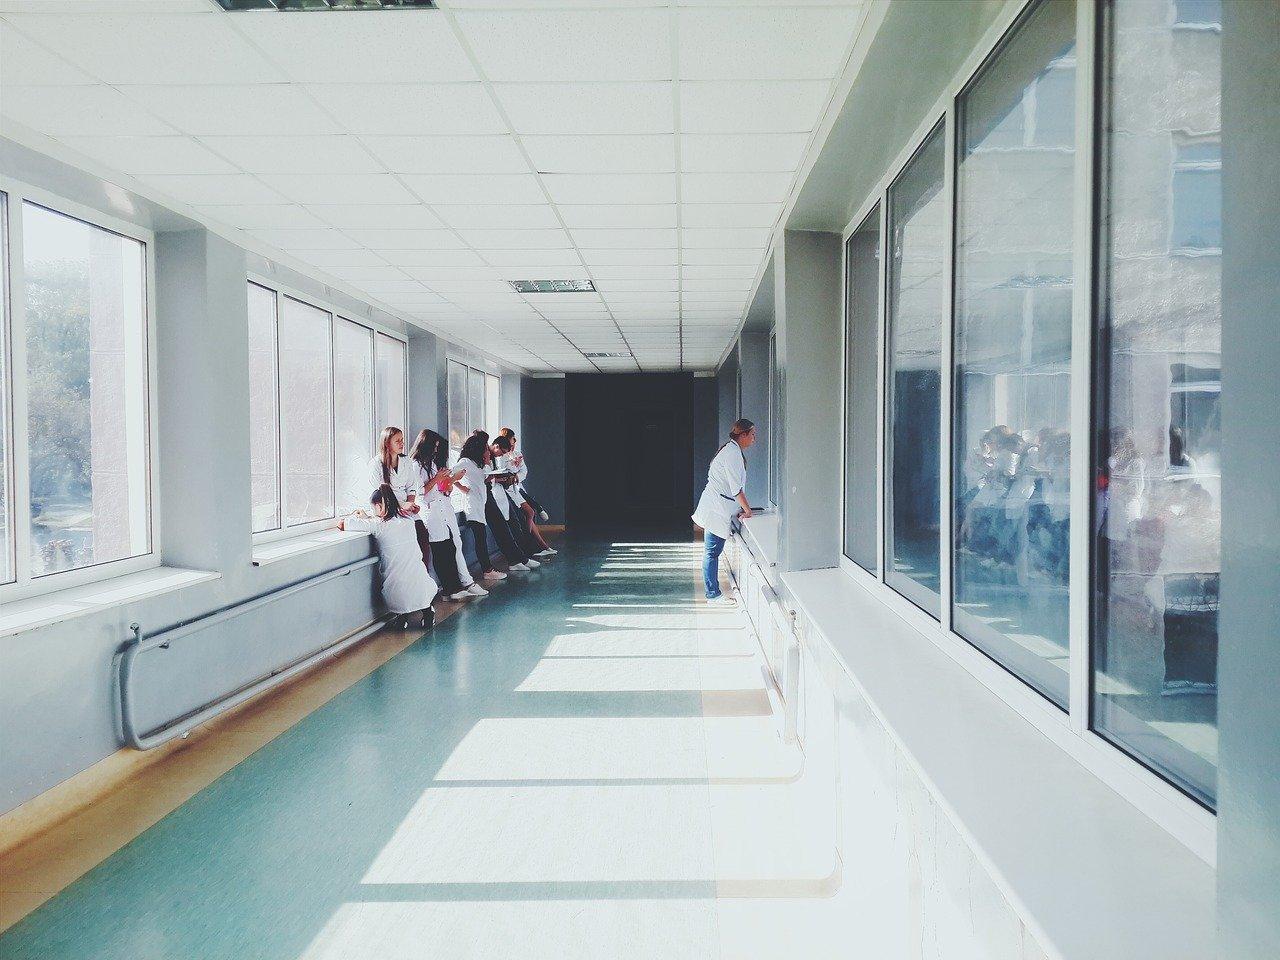 Médicos em fila aguardando no corredor de hospital